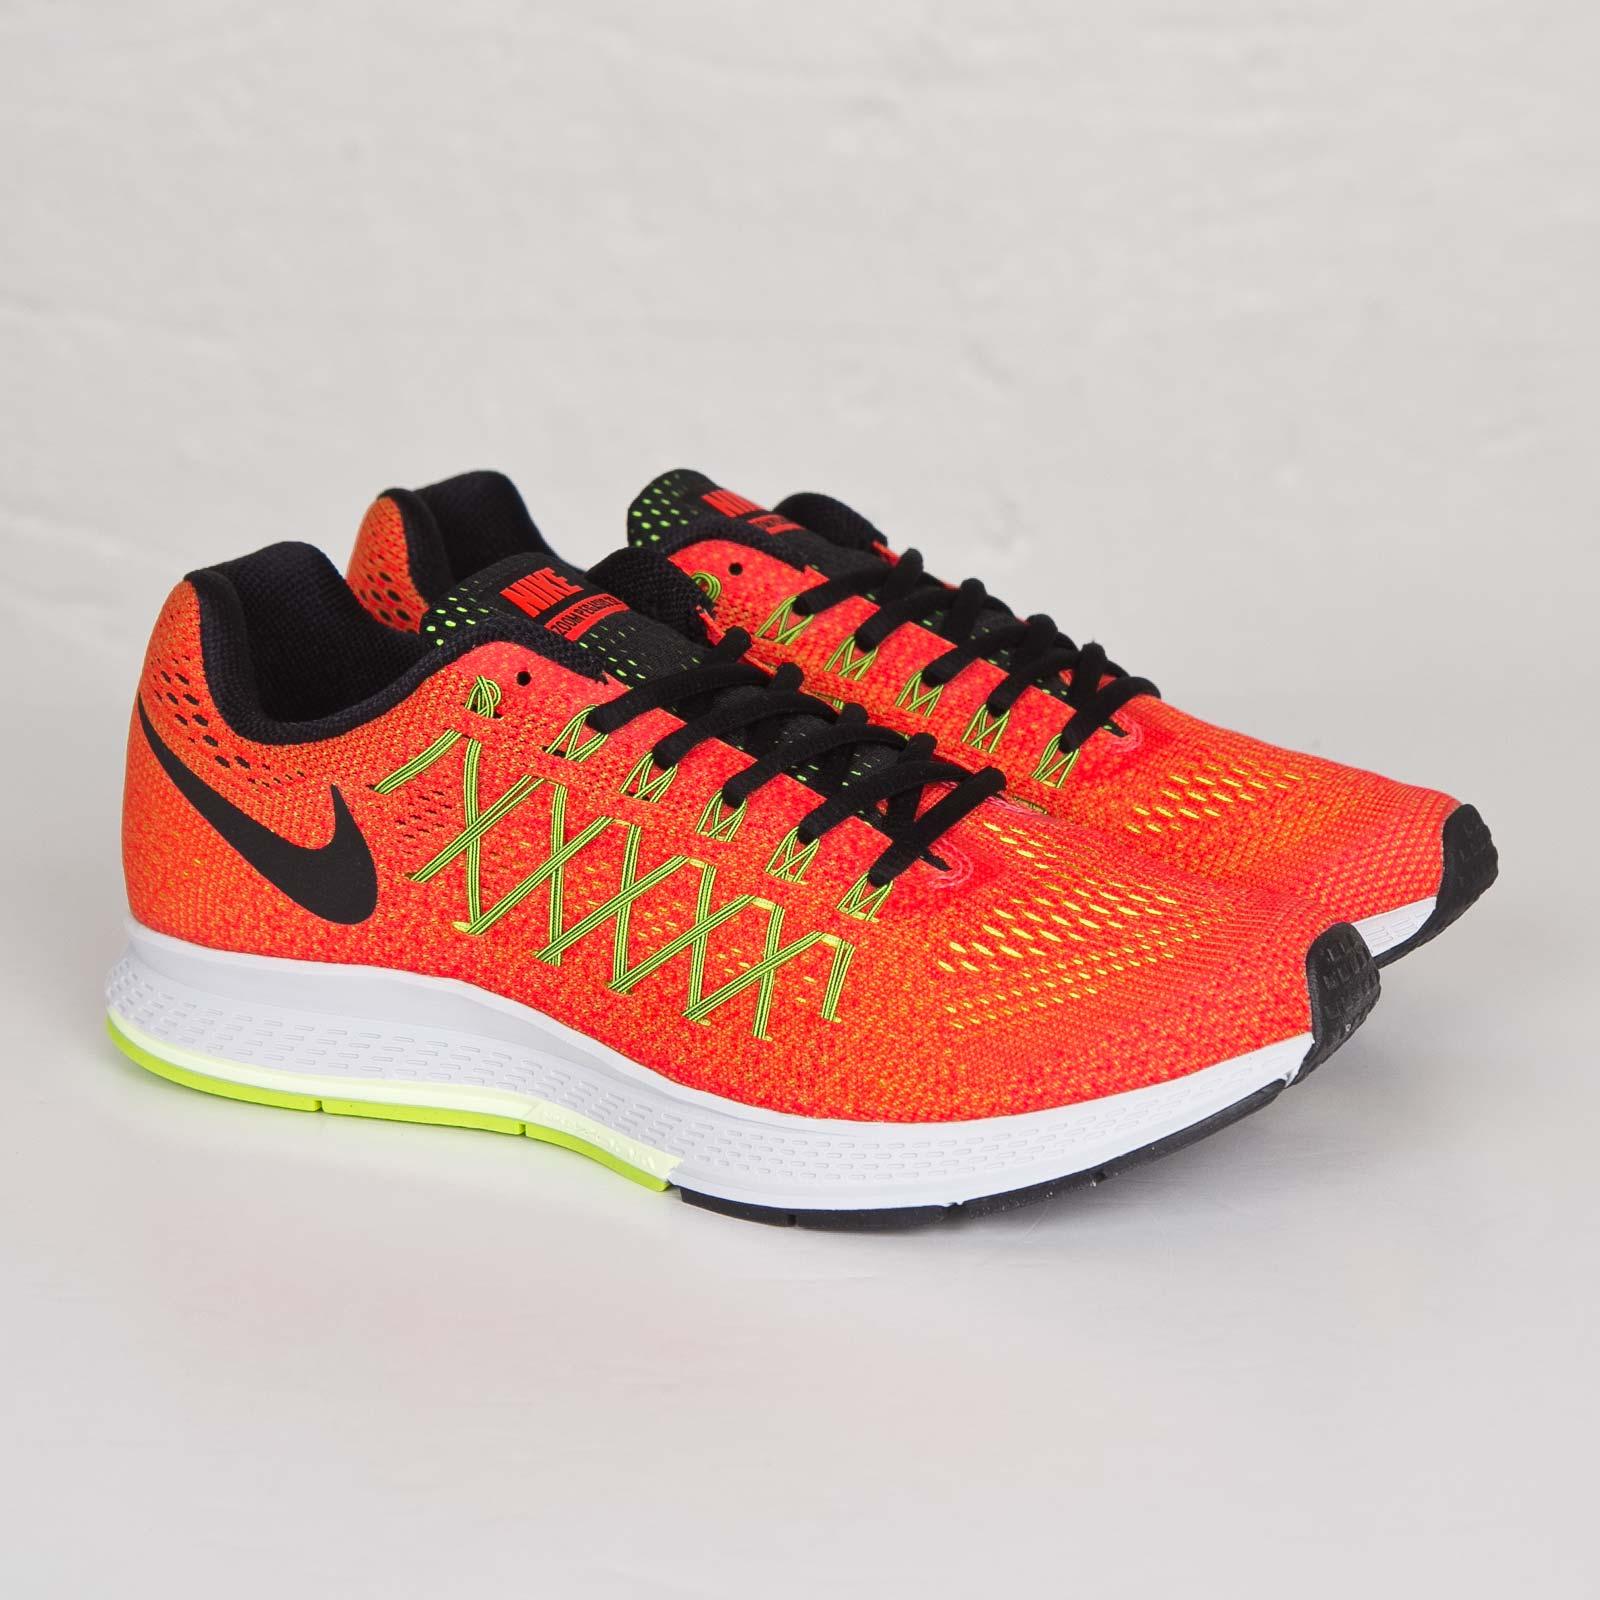 super popular 44a60 9c115 Nike Air Zoom Pegasus 32 - 749340-607 - Sneakersnstuff ...